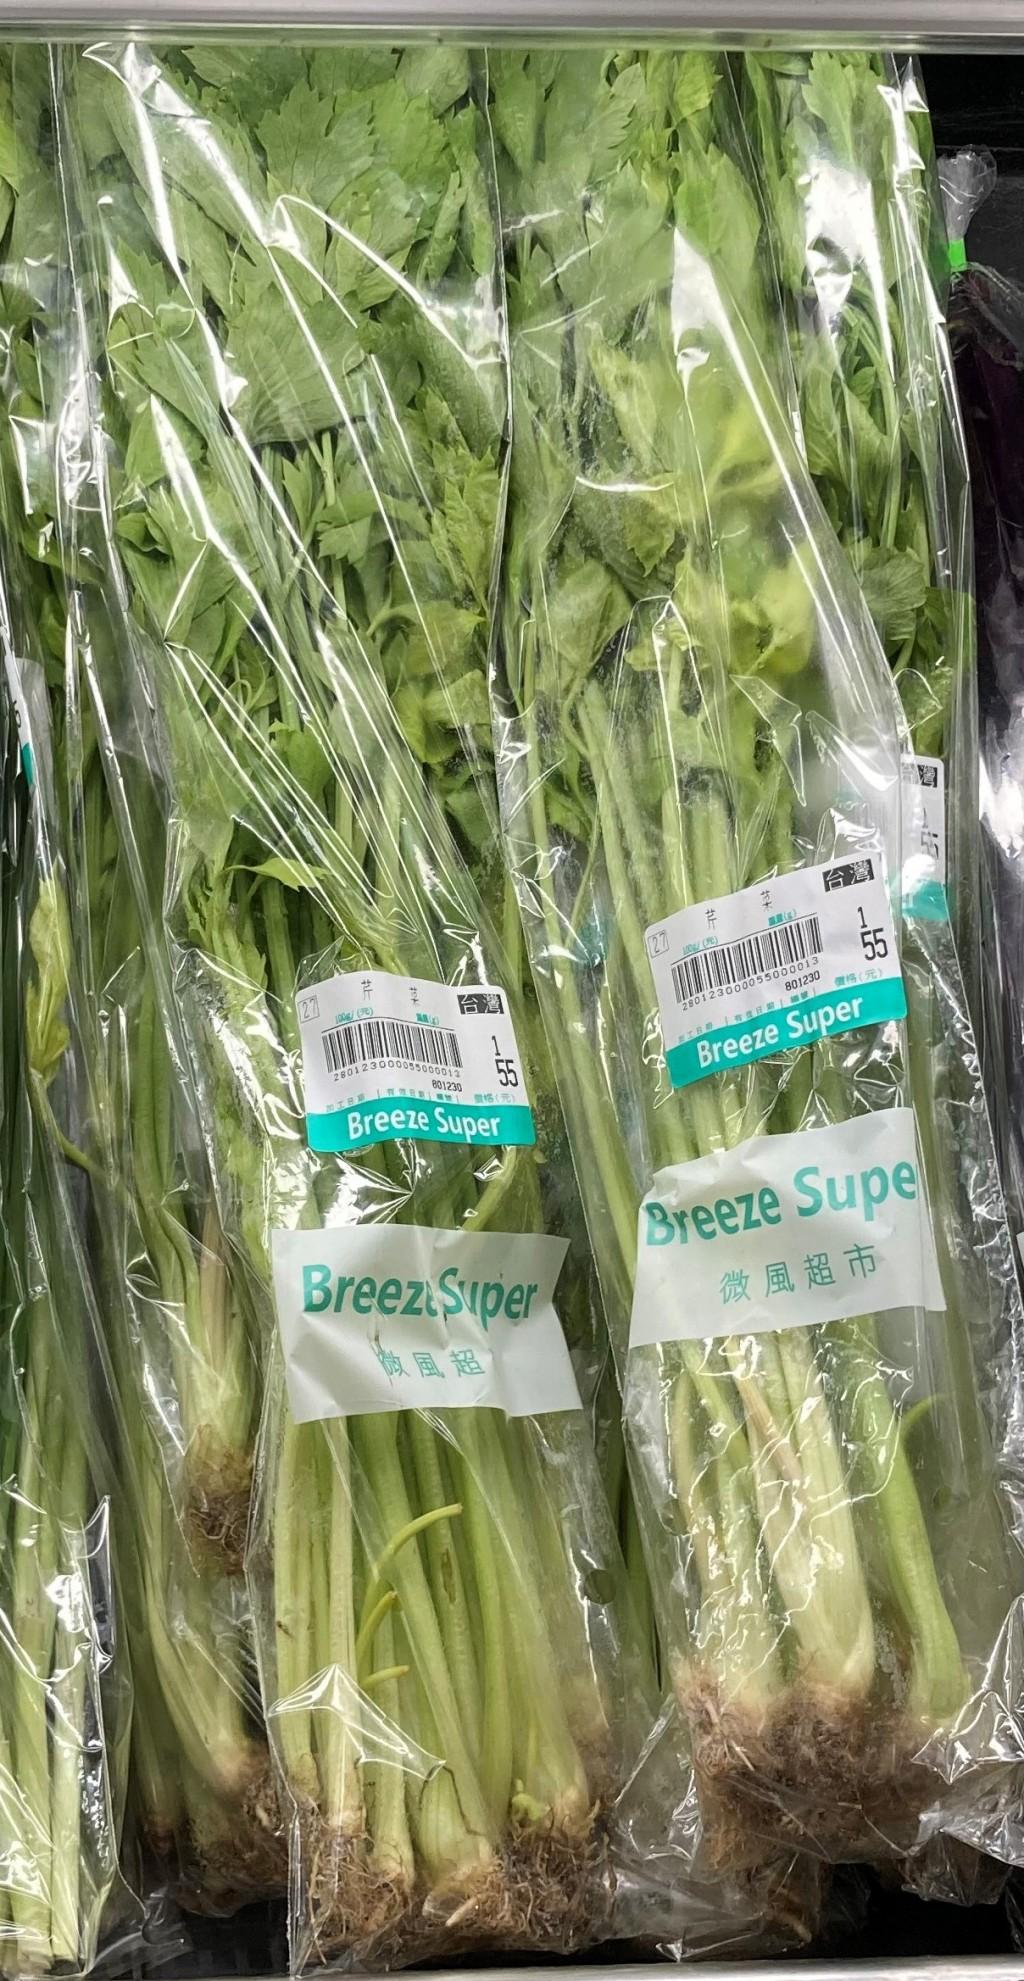 台北市政府衛生局公布市售生鮮蔬果殘留農藥抽驗結果,微風超市販售的芹菜遭檢出農藥殘留超標。(圖/衛生局提供)